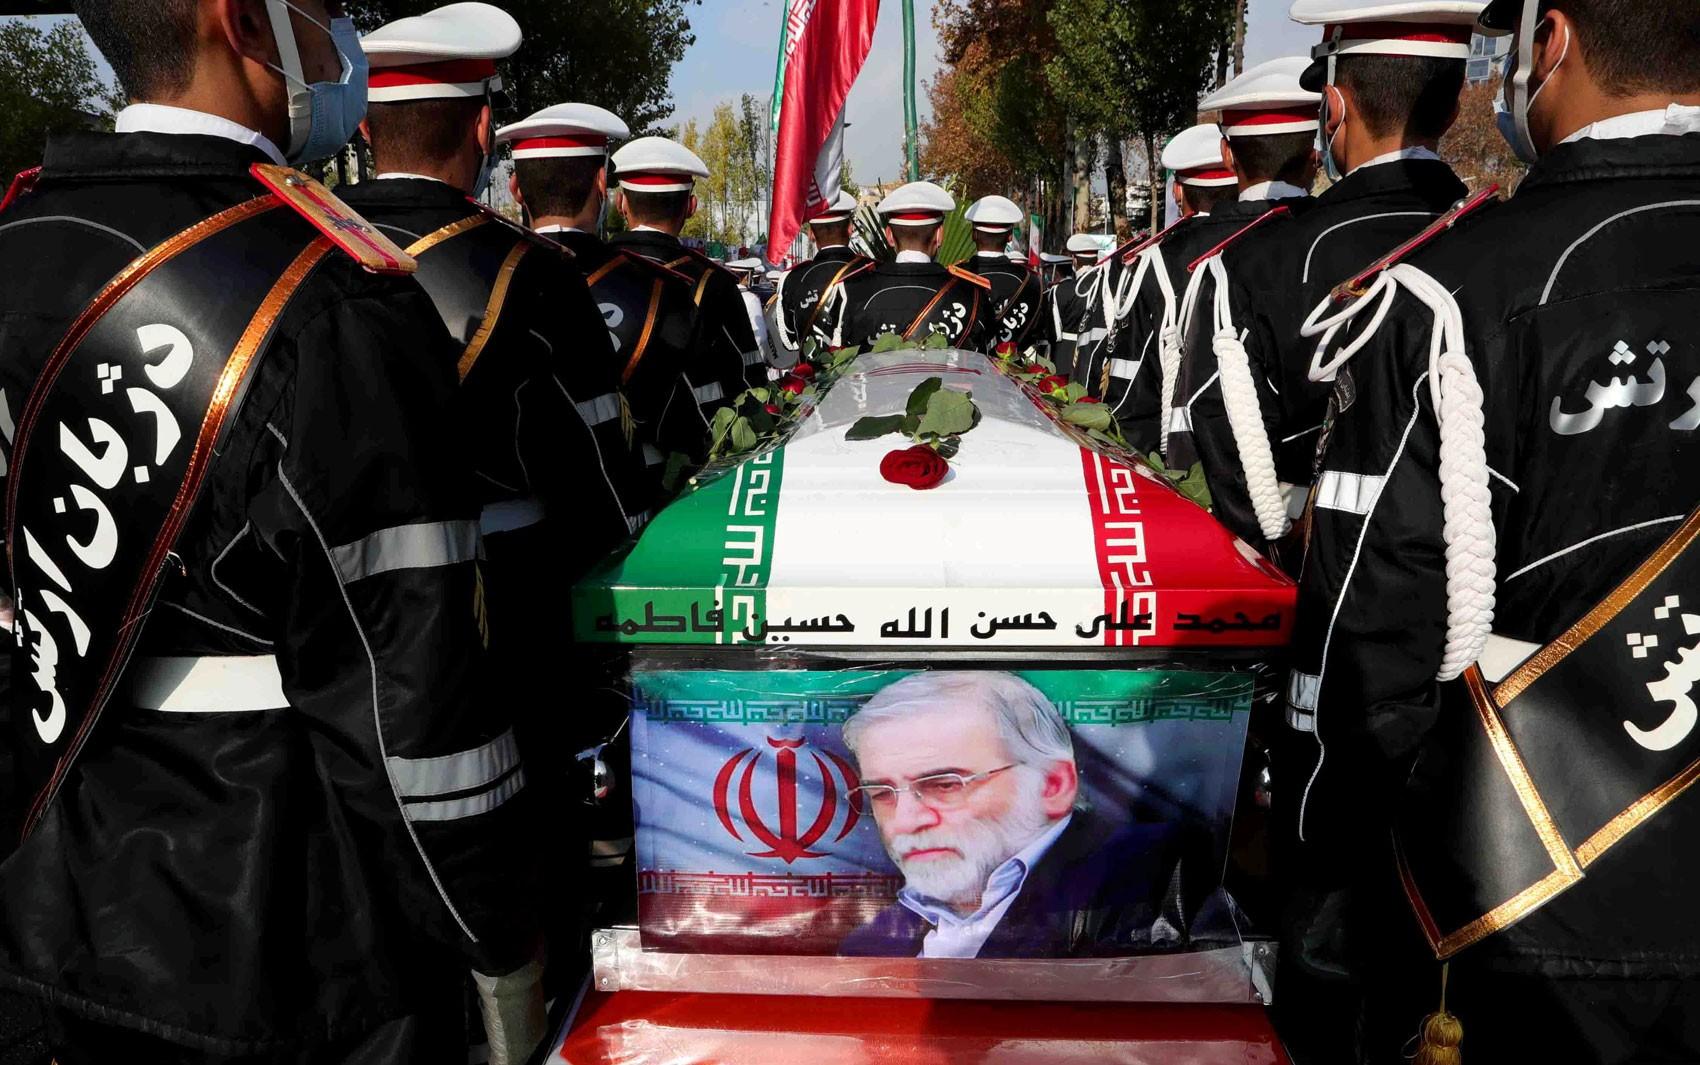 Mohsen Fakhrizadeh: quatro possíveis respostas do Irã ao assassinato do seu principal cientista nuclear